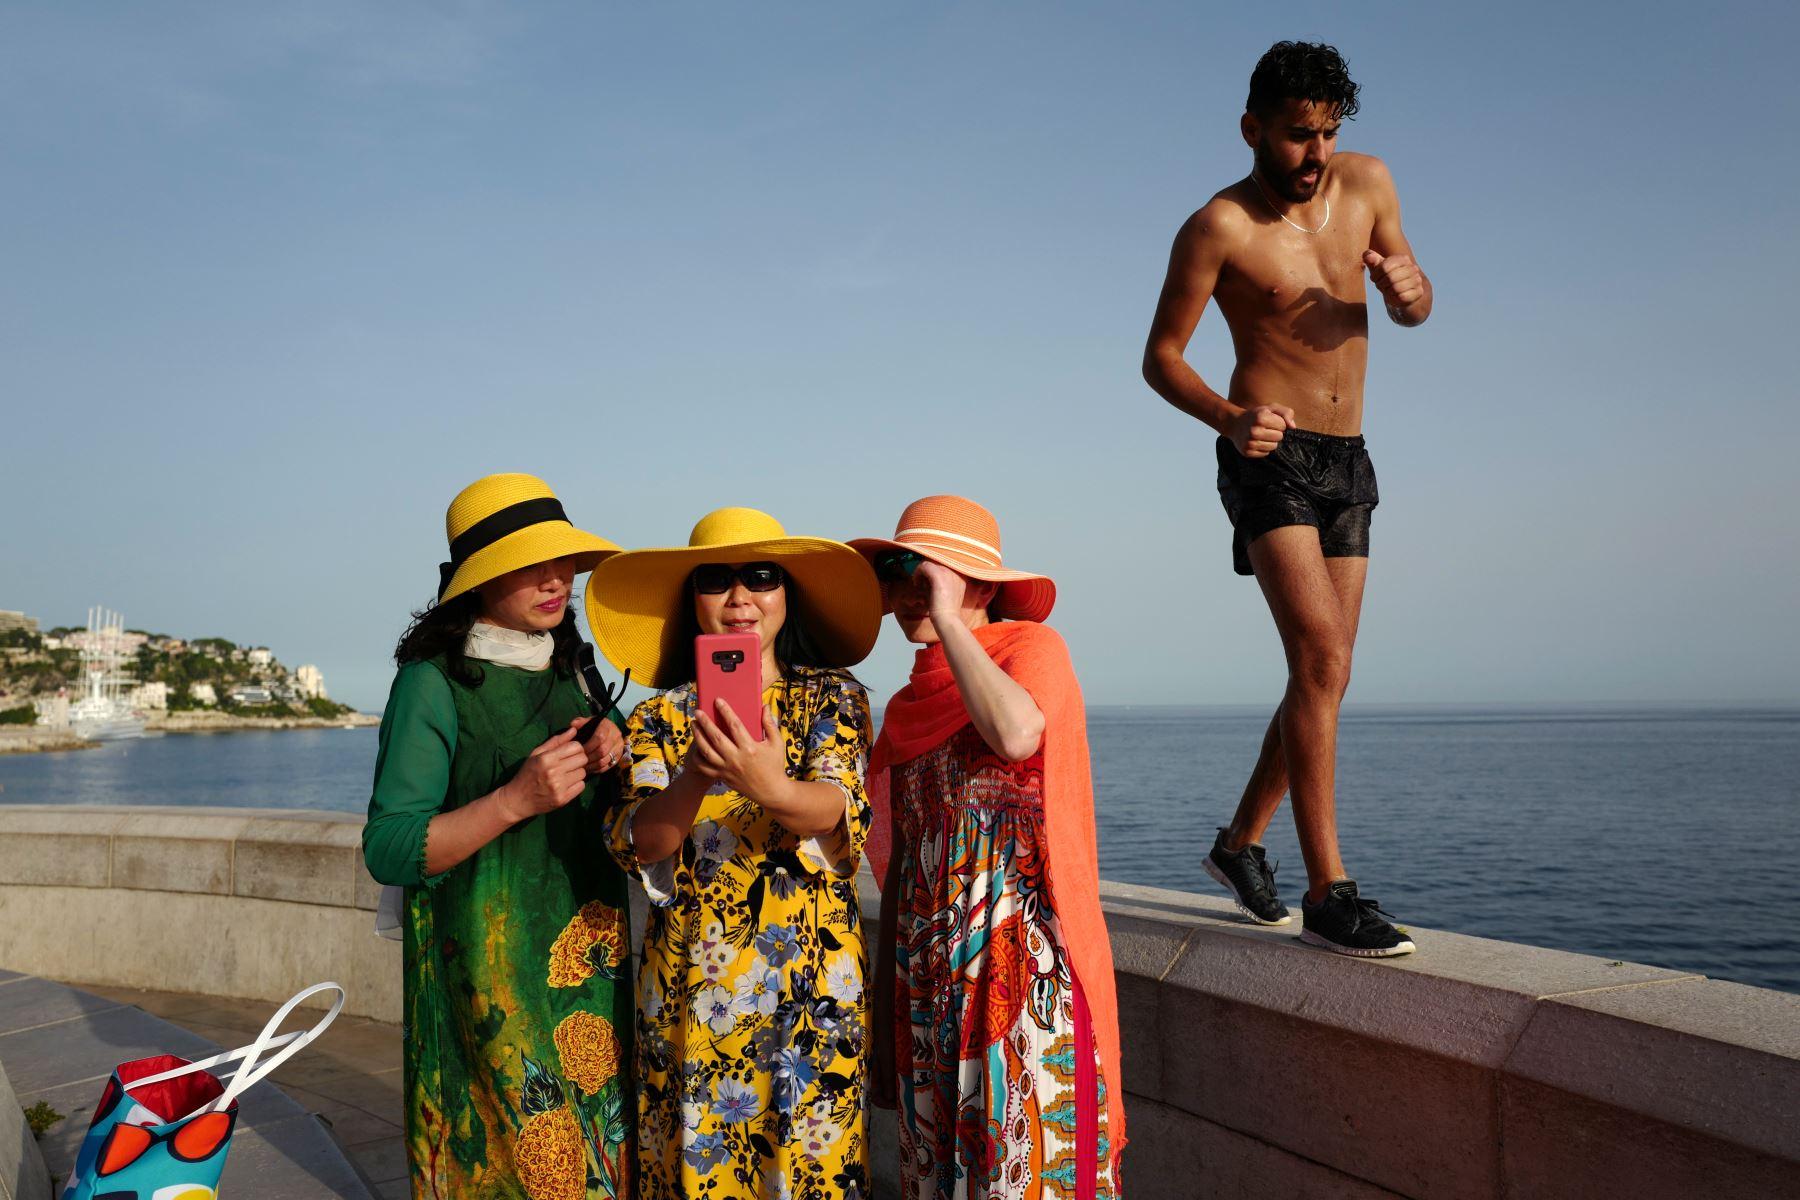 Un hombre pasa mientras los turistas toman selfies en la ciudad de la Riviera francesa de Niza, mientras las temperaturas se elevan a 33 grados centígrados. Foto: AFP